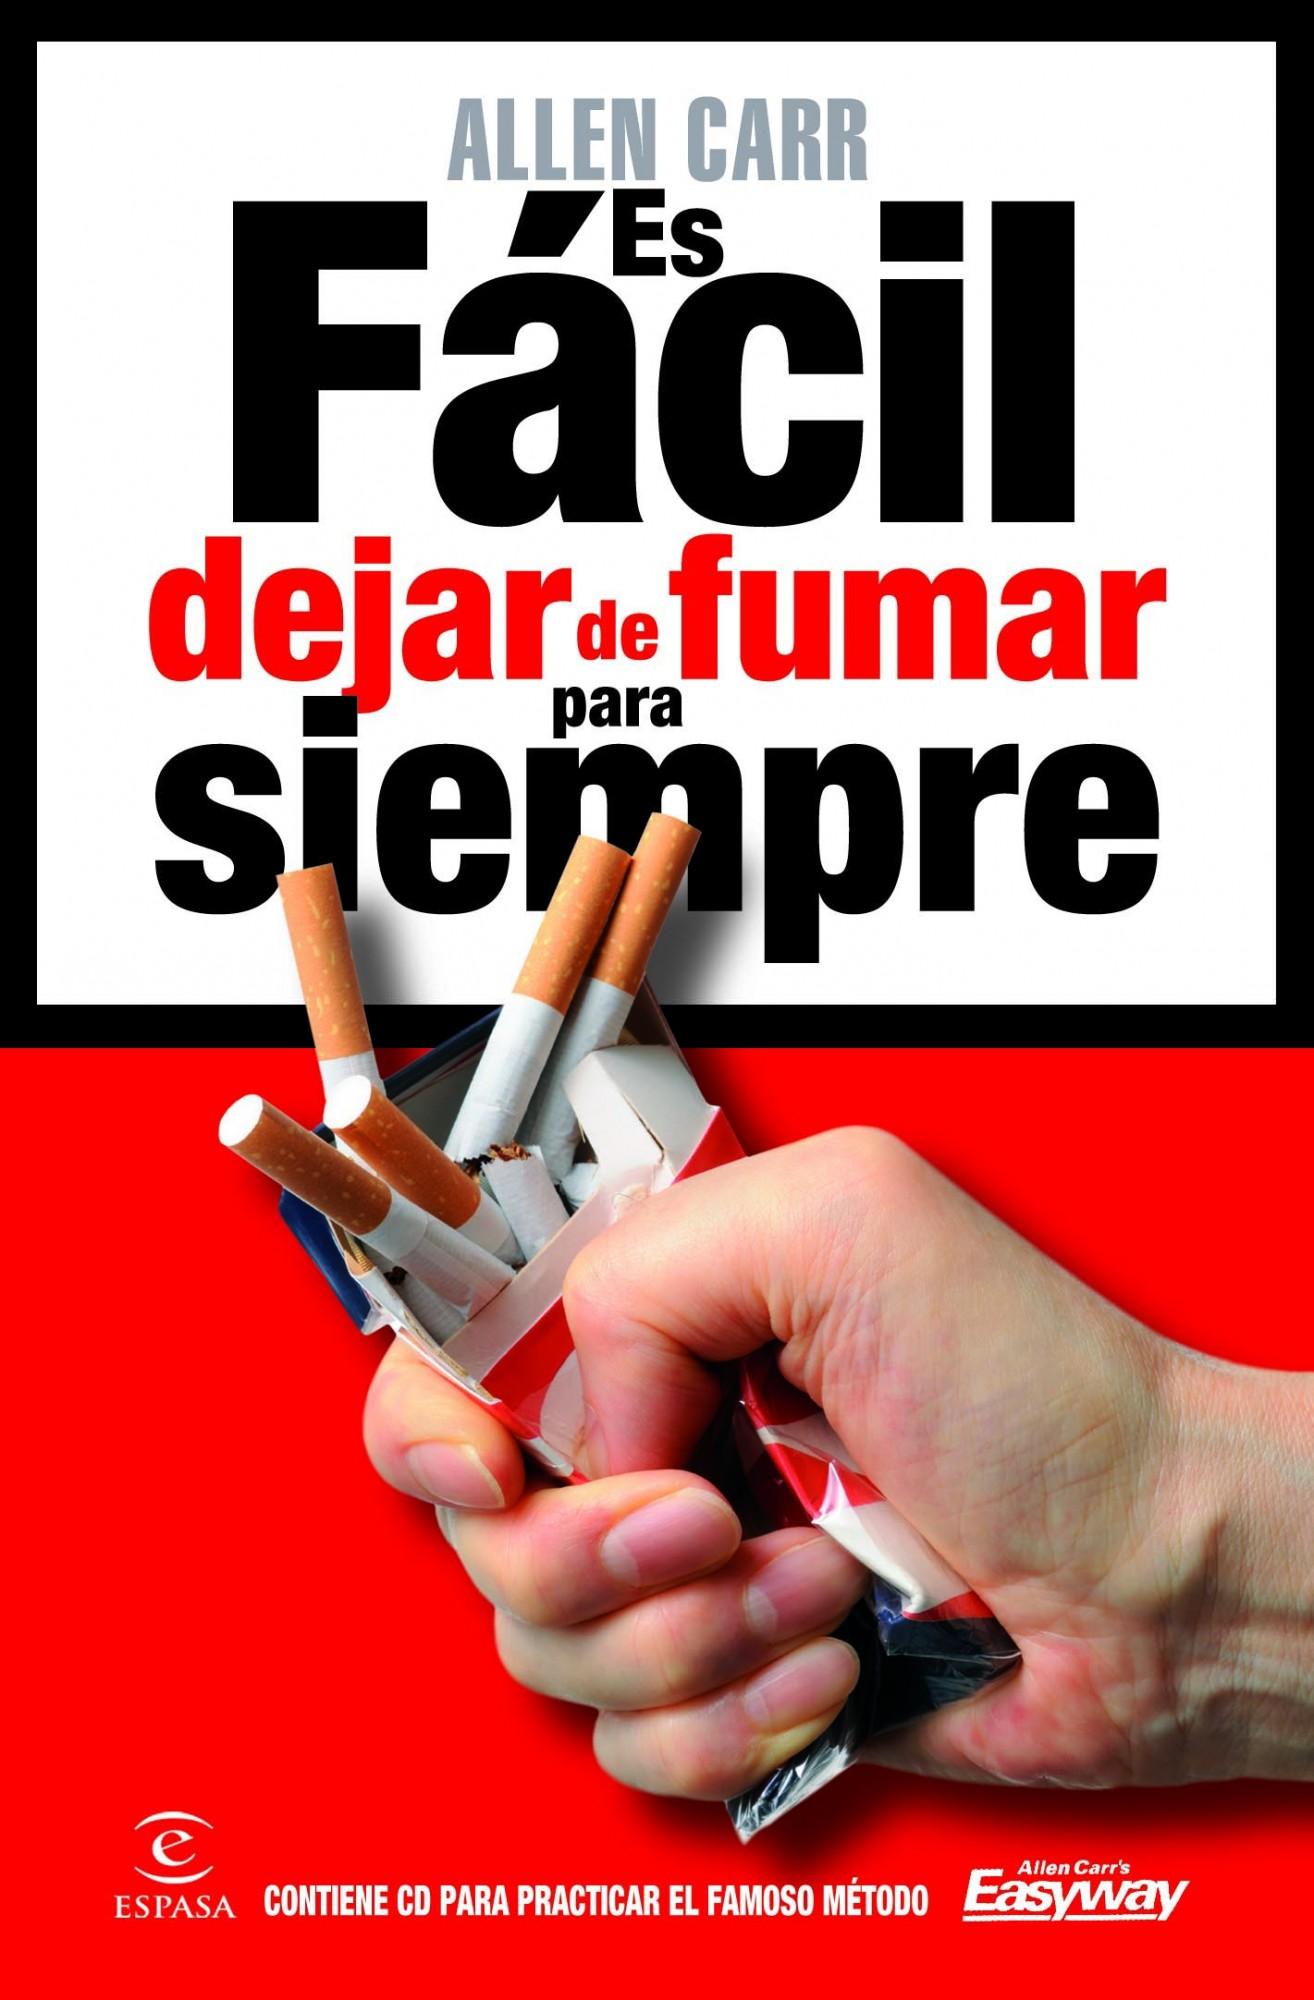 La mala costumbre leer el fumar